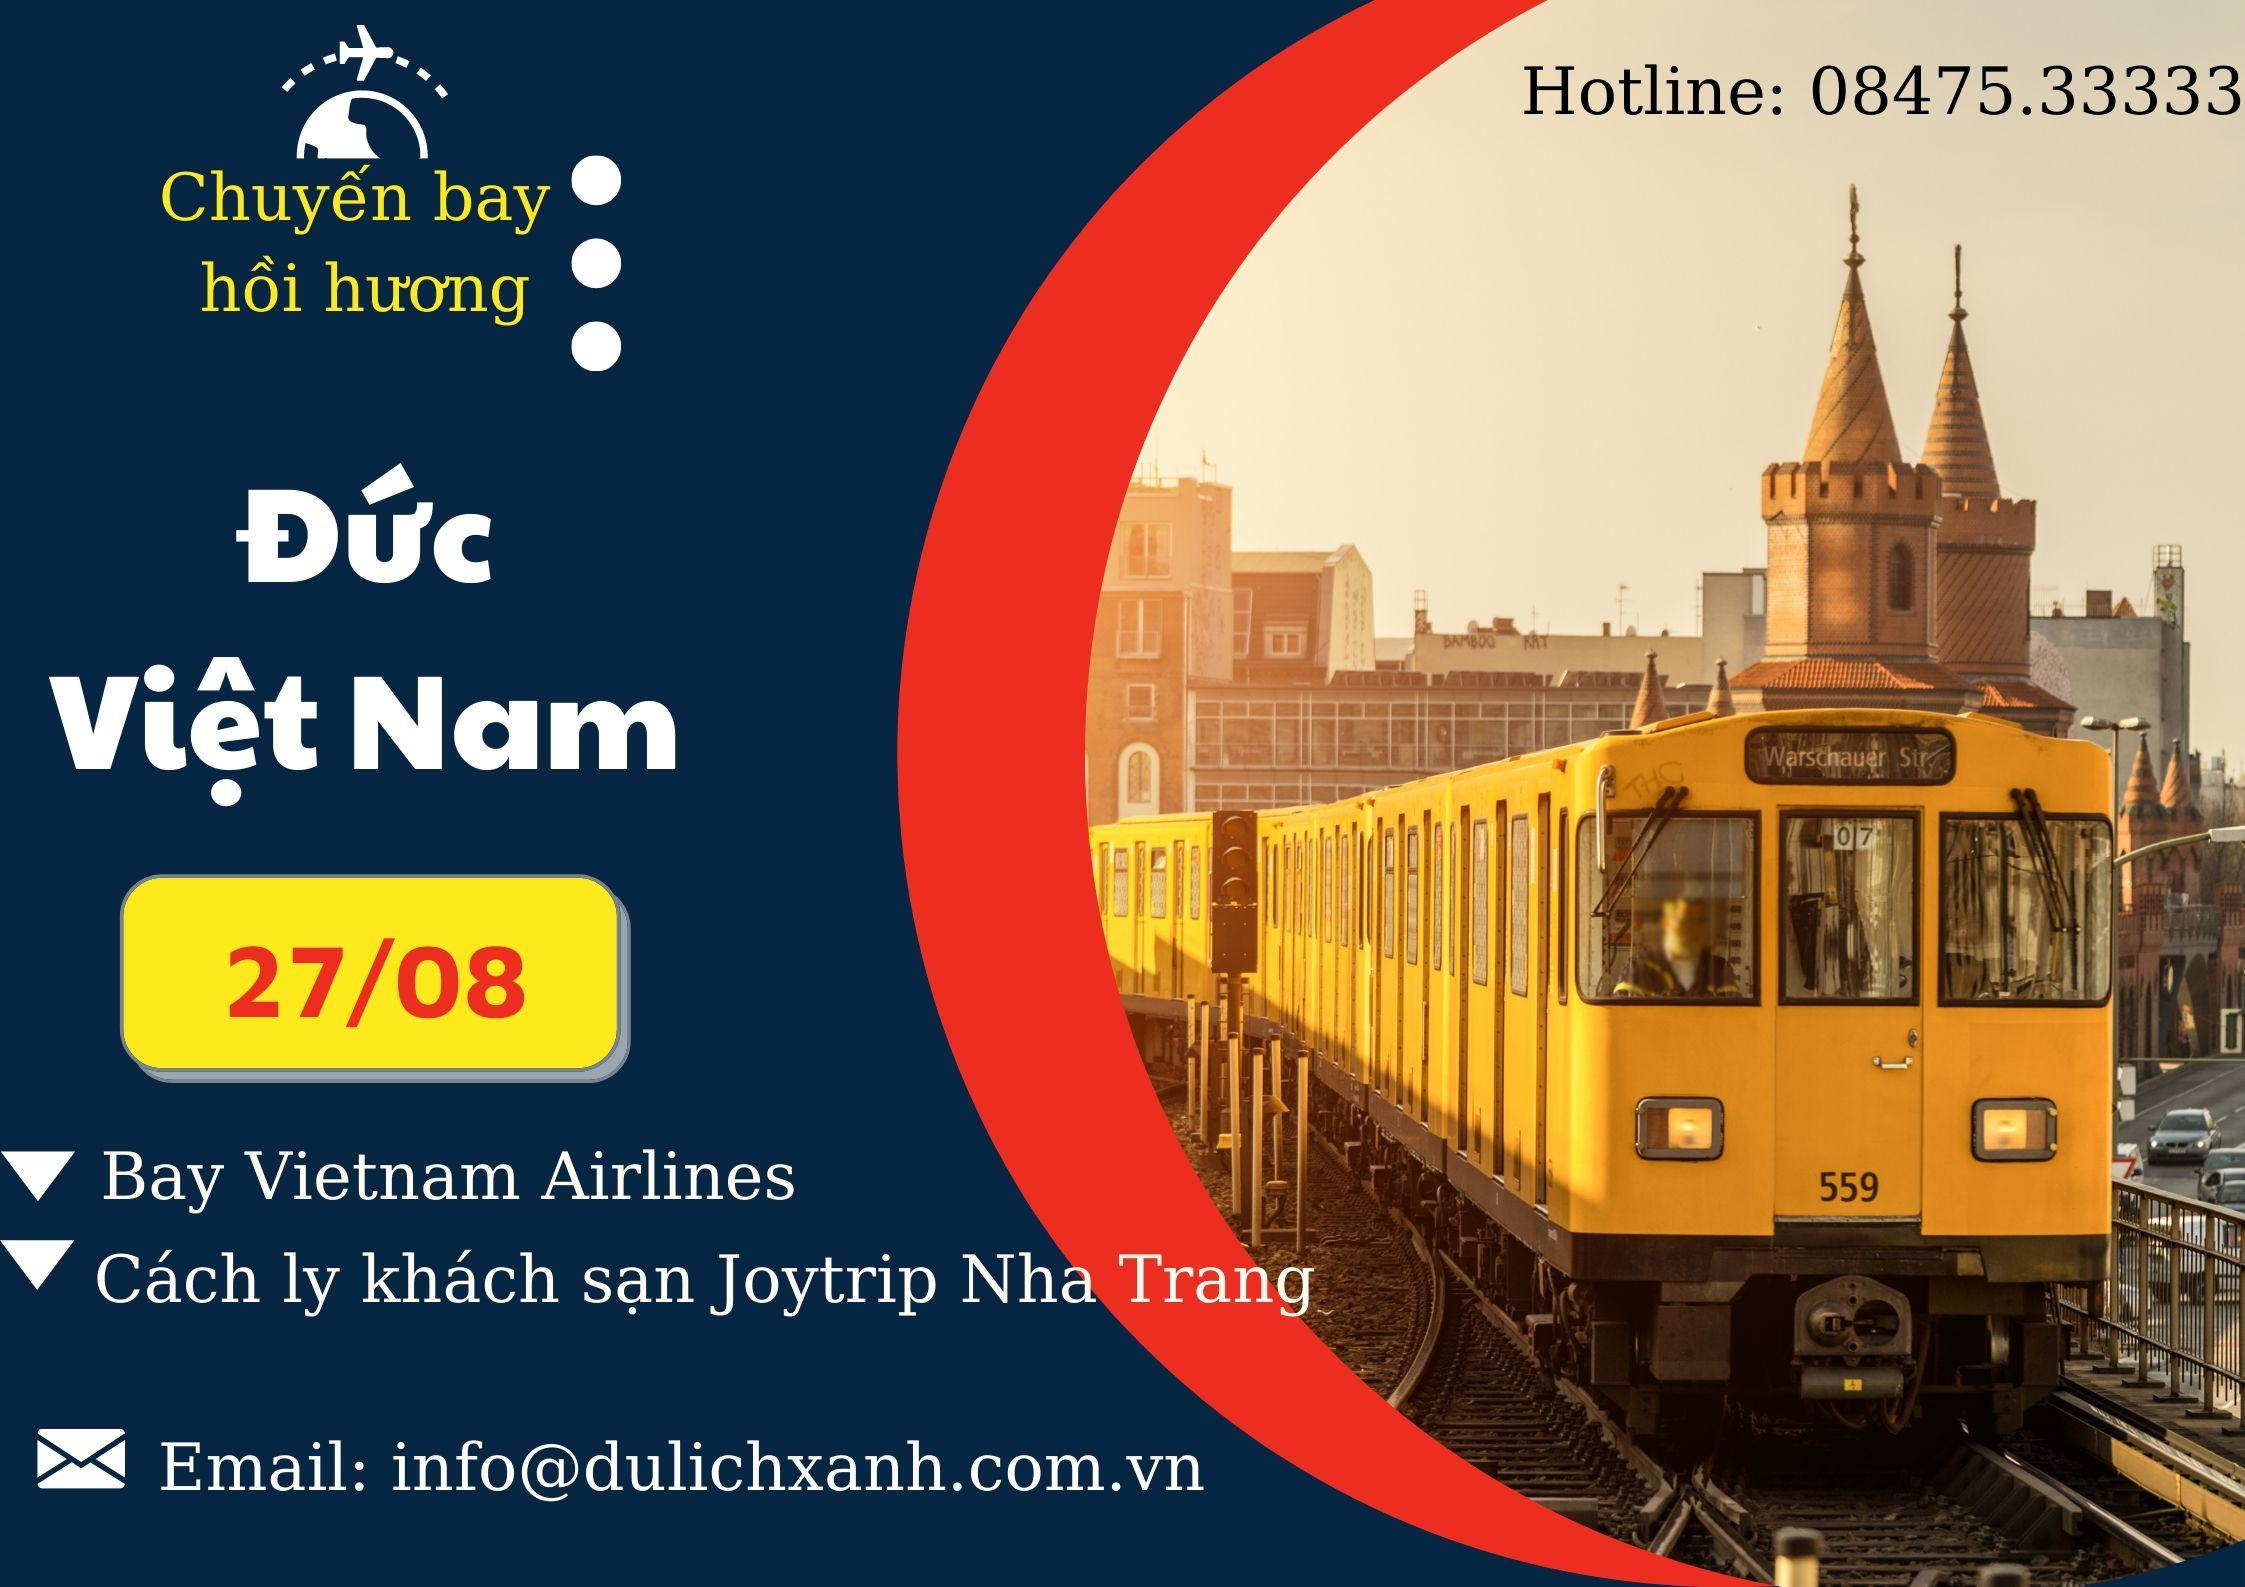 Chuyến bay hồi hương từ Đức về Việt Nam 27/8 (đã cấp phép)